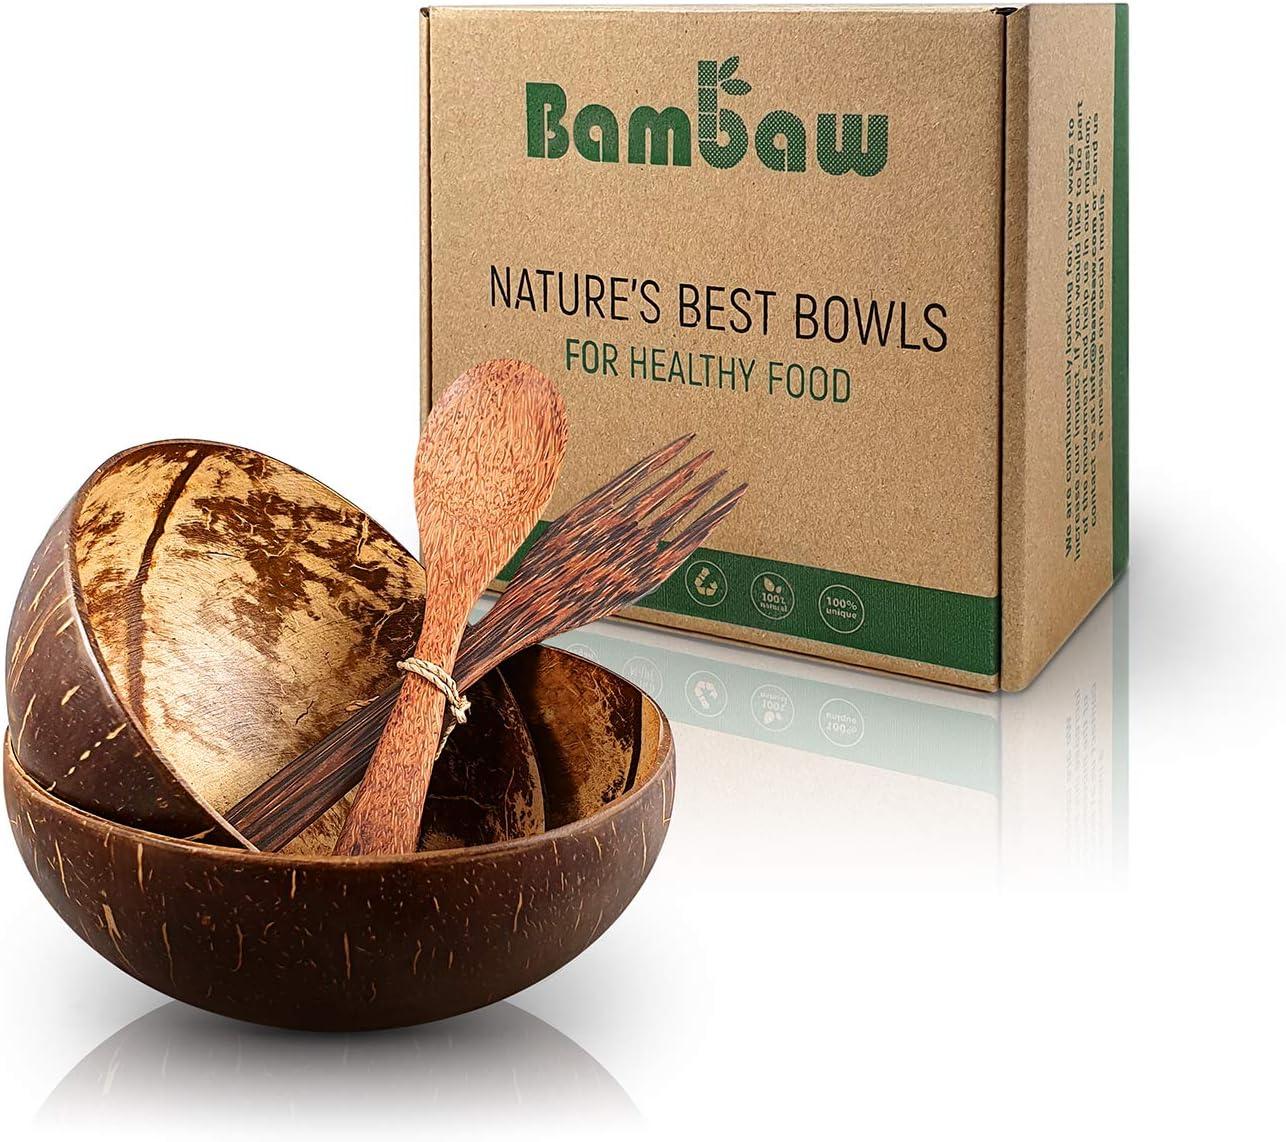 Set de Boles de Coco con Cubiertos | Tazones de Coco Natural | Bol de Madera Hecho con cáscaras de Coco | Hechos en Bali | Coconut Bowl | Cuenco de Madera | Bol de Coco Natural | Acai Bowl